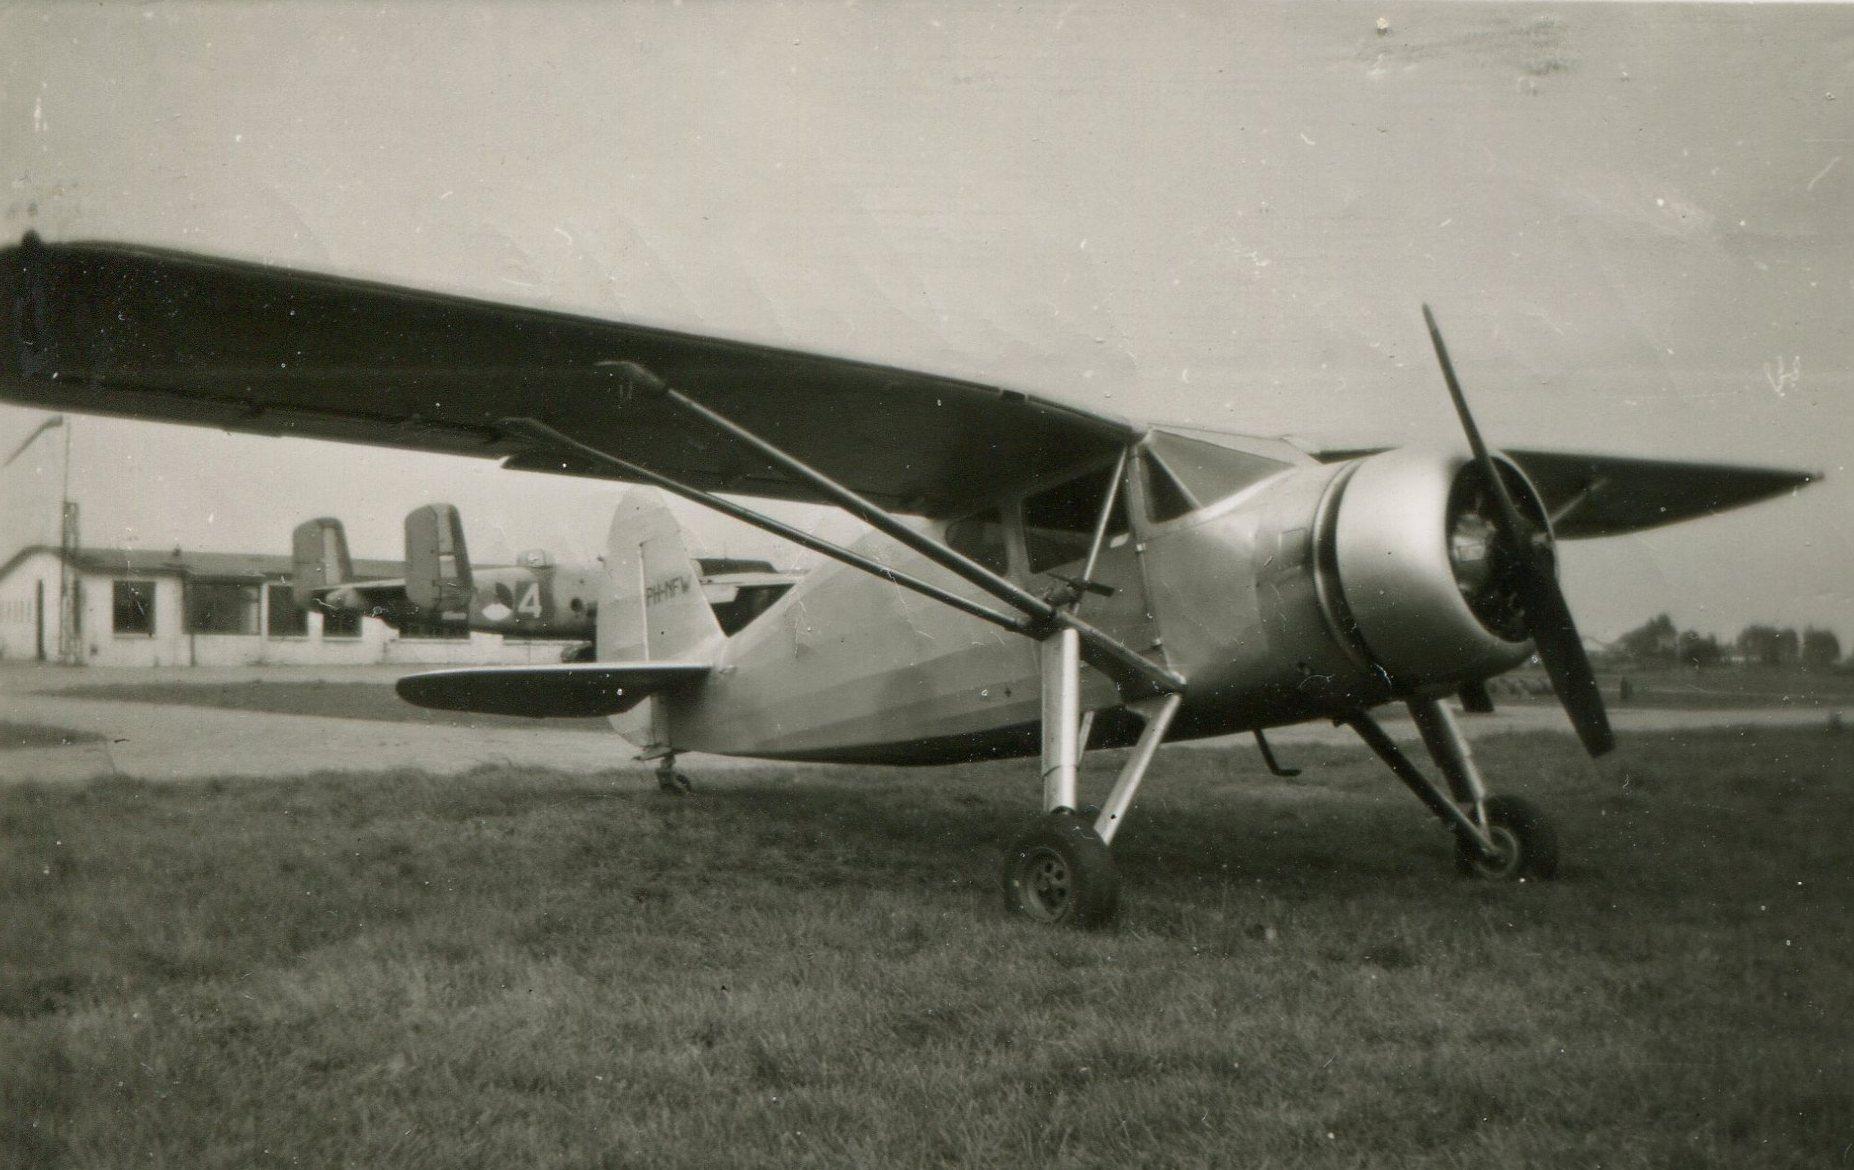 Naam: Fairchild UC-61 (24W-41) Argus 1 (met stermotor) 1953.jpg Bekeken: 526 Grootte: 292,9 KB